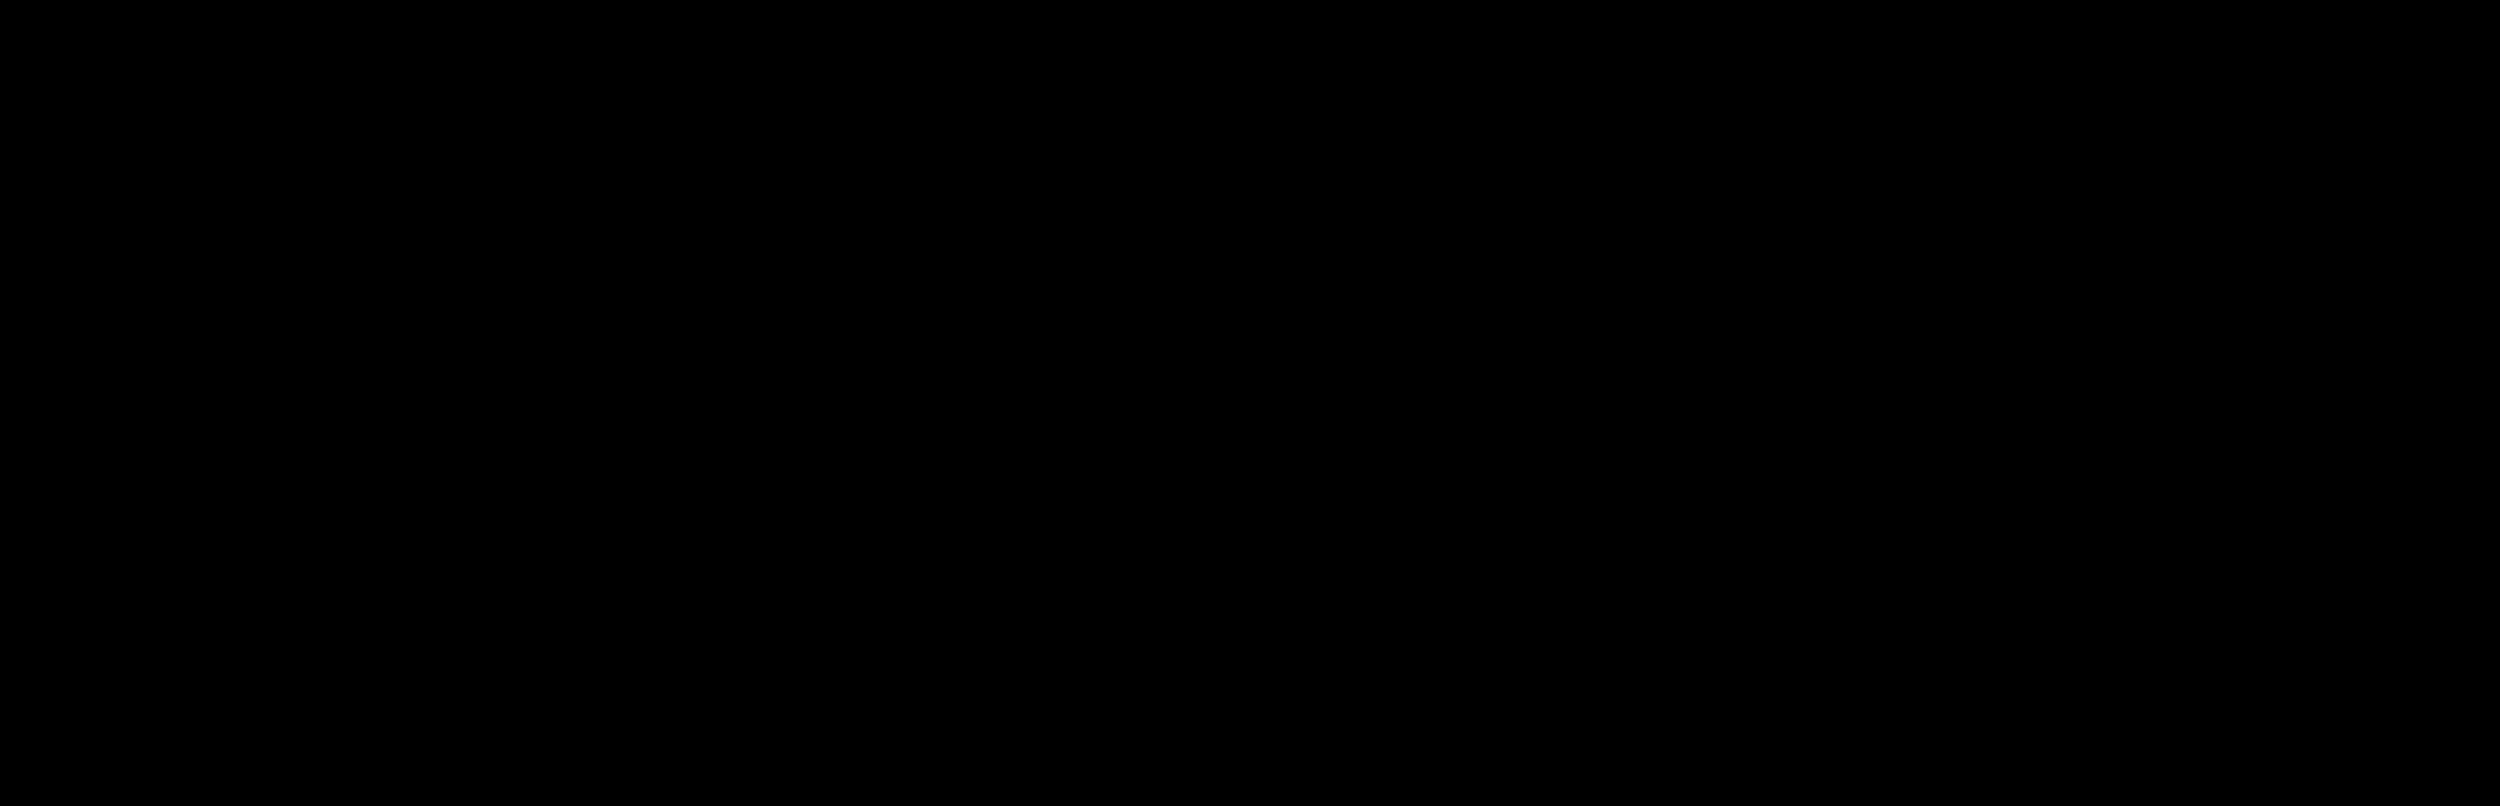 diamond_logotipo